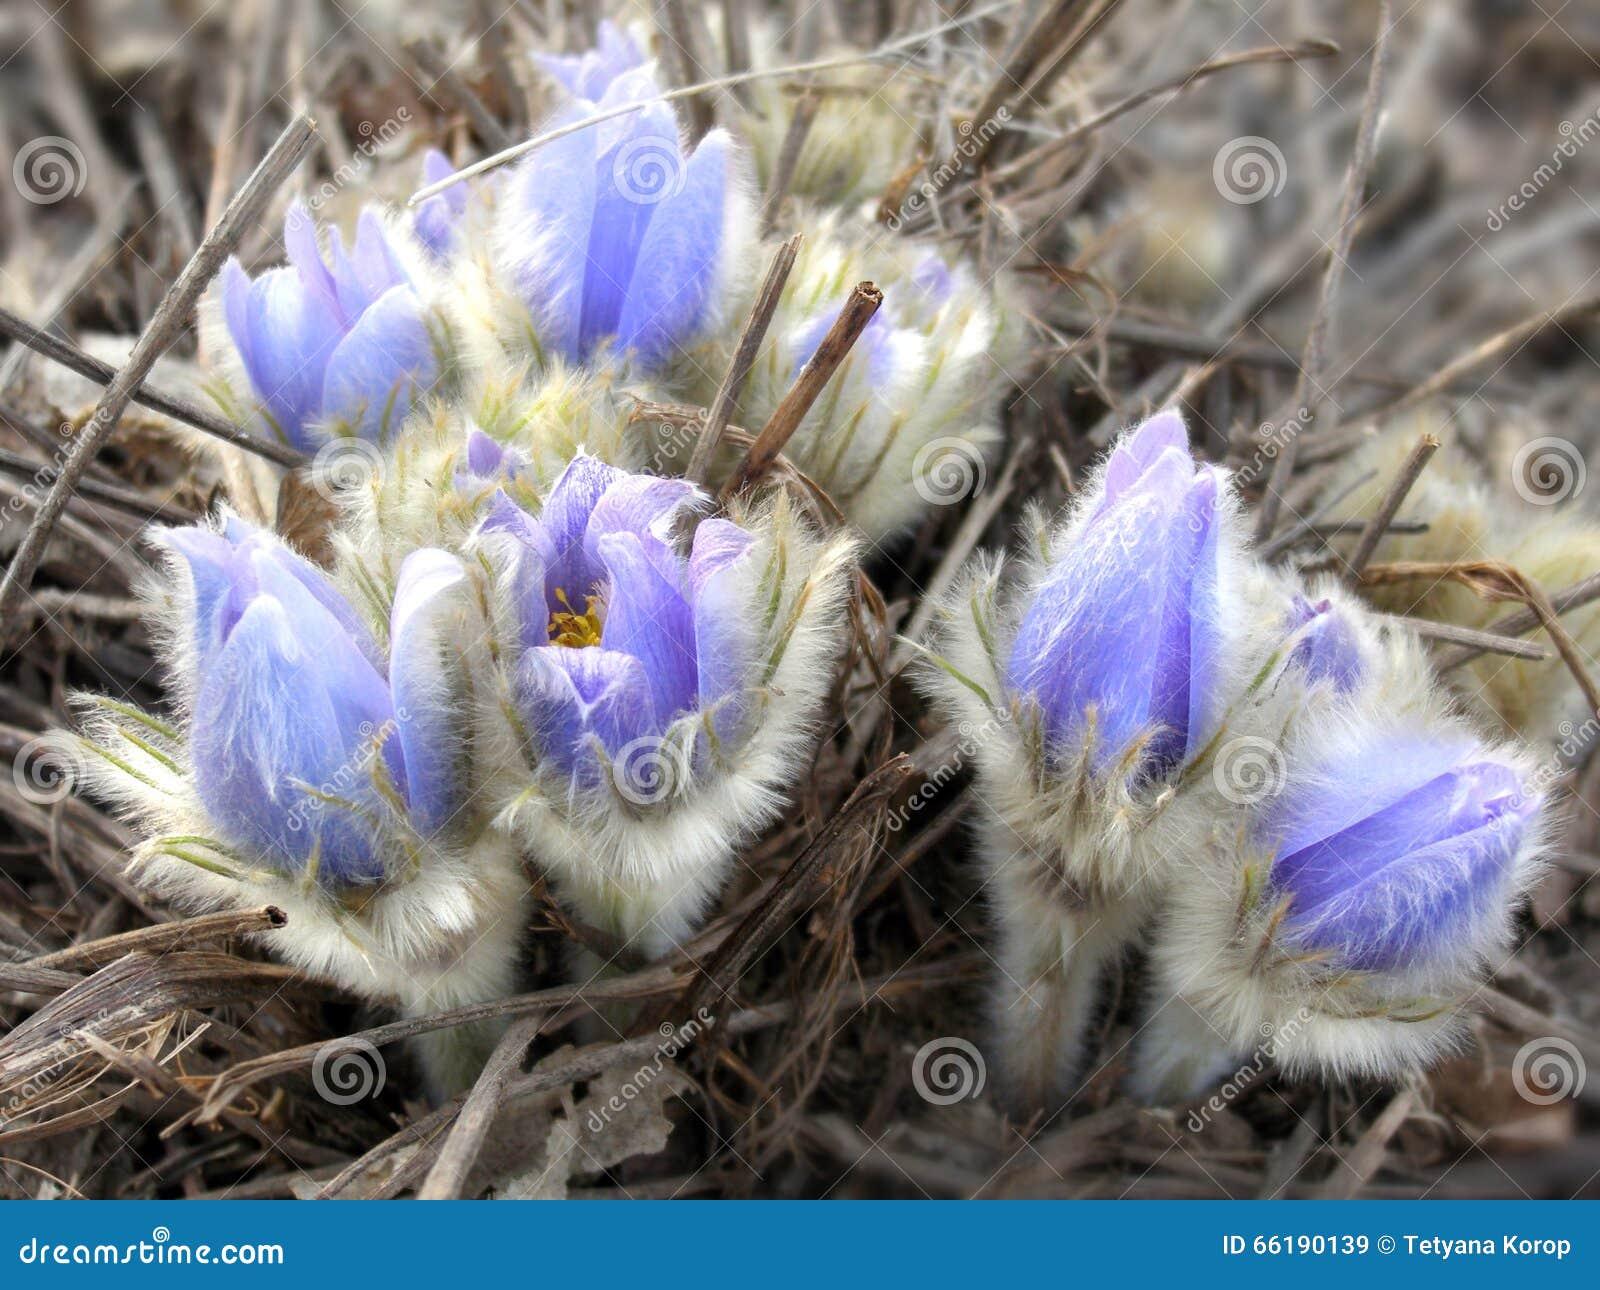 Картинки весны в марте